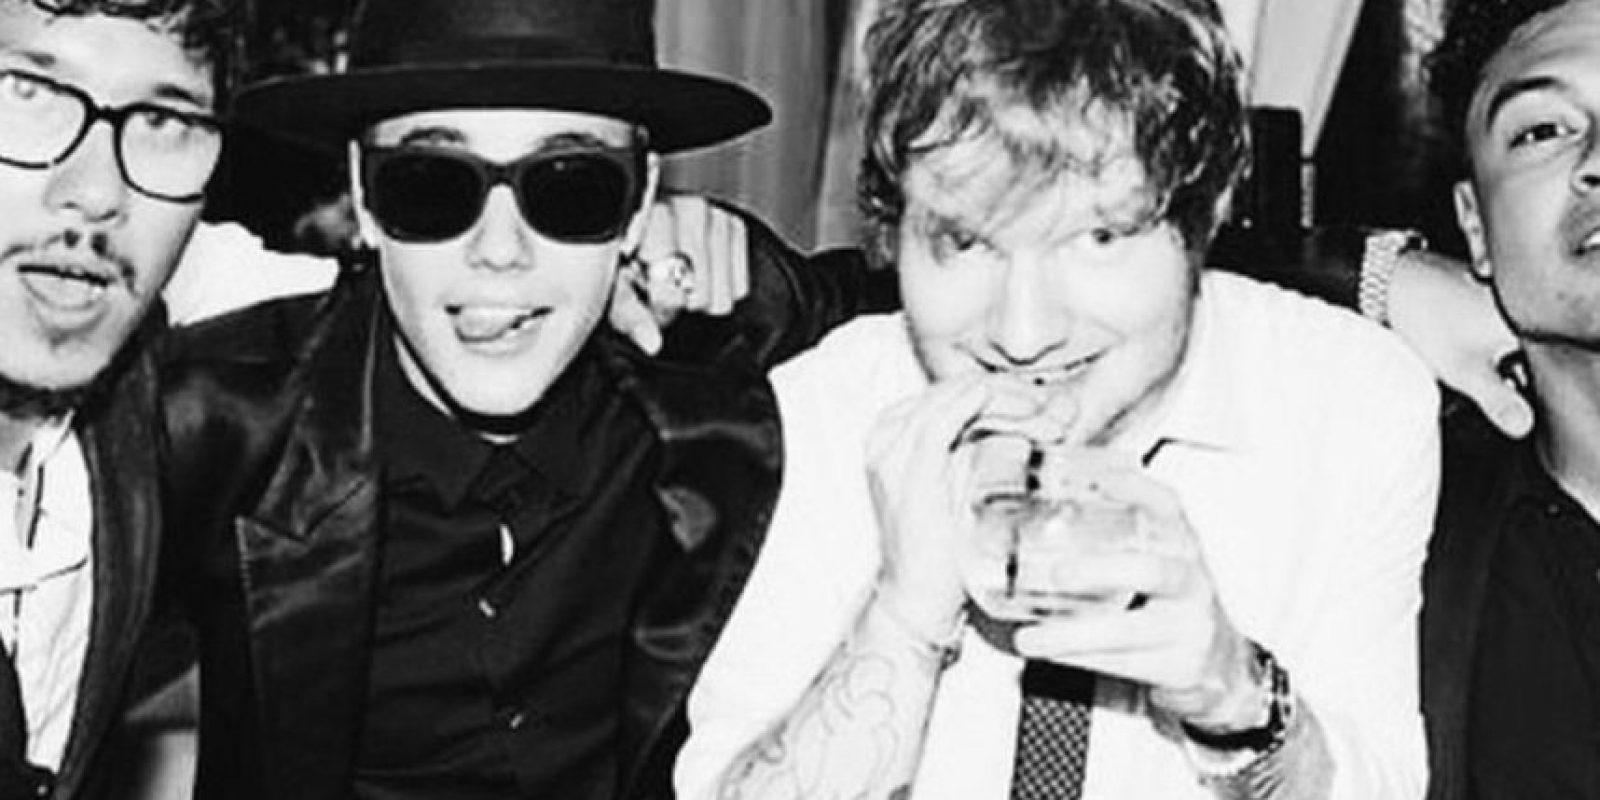 Justin con Ed Sheeran. Se relaciona con más pesos pesados. Foto:Instagram/Justin Bieber